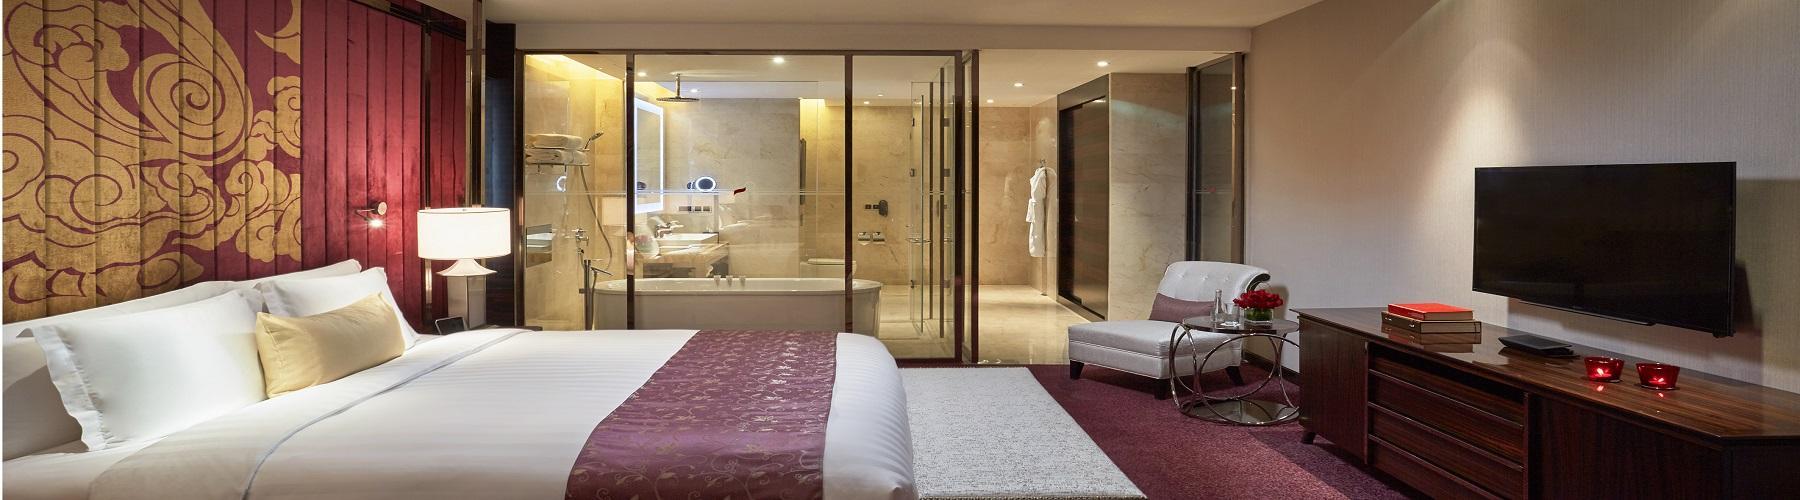 Забронировать номер в отеле Gran Melia Xian